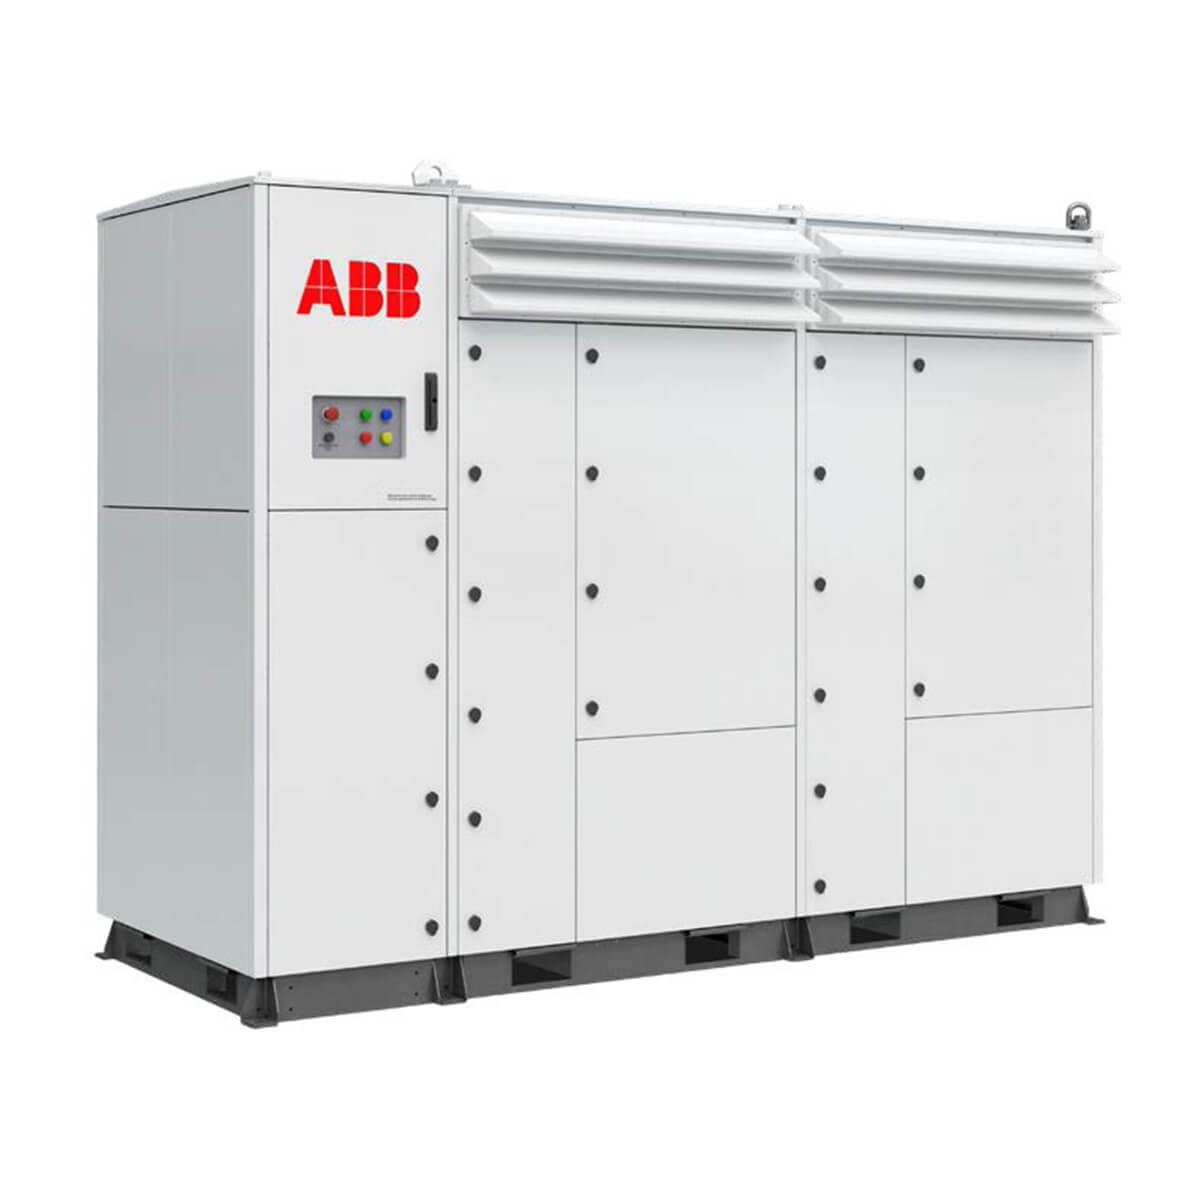 abb fimer 1818kW inverter, abb fimer pvs980-58 1818kW inverter, abb fimer pvs980-58-2.0-mva-1818kW-ı inverter, abb fimer pvs980-58 2.0 mva-1818kW-ı, abb fimer pvs980-58 1818 kW, ABB FIMER 1818 KW